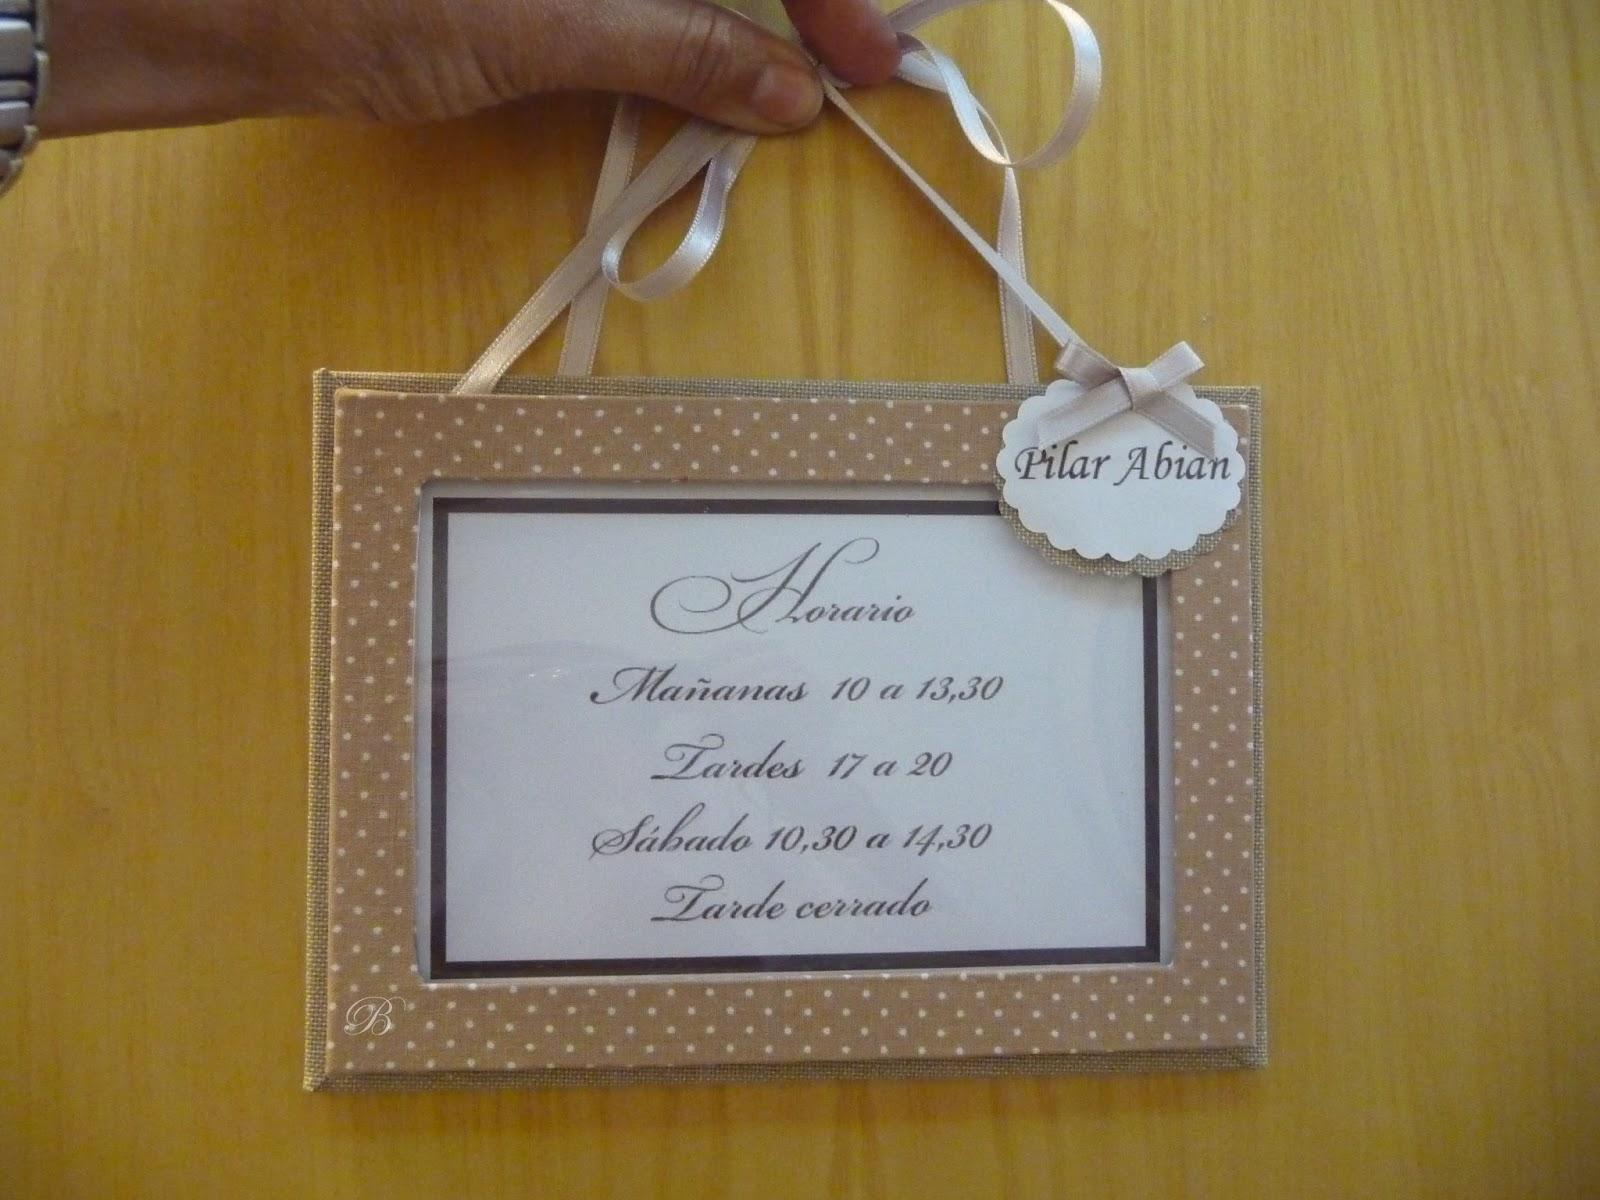 Las manualidades de blanca cartel horario y caja for La caja sucursales horarios